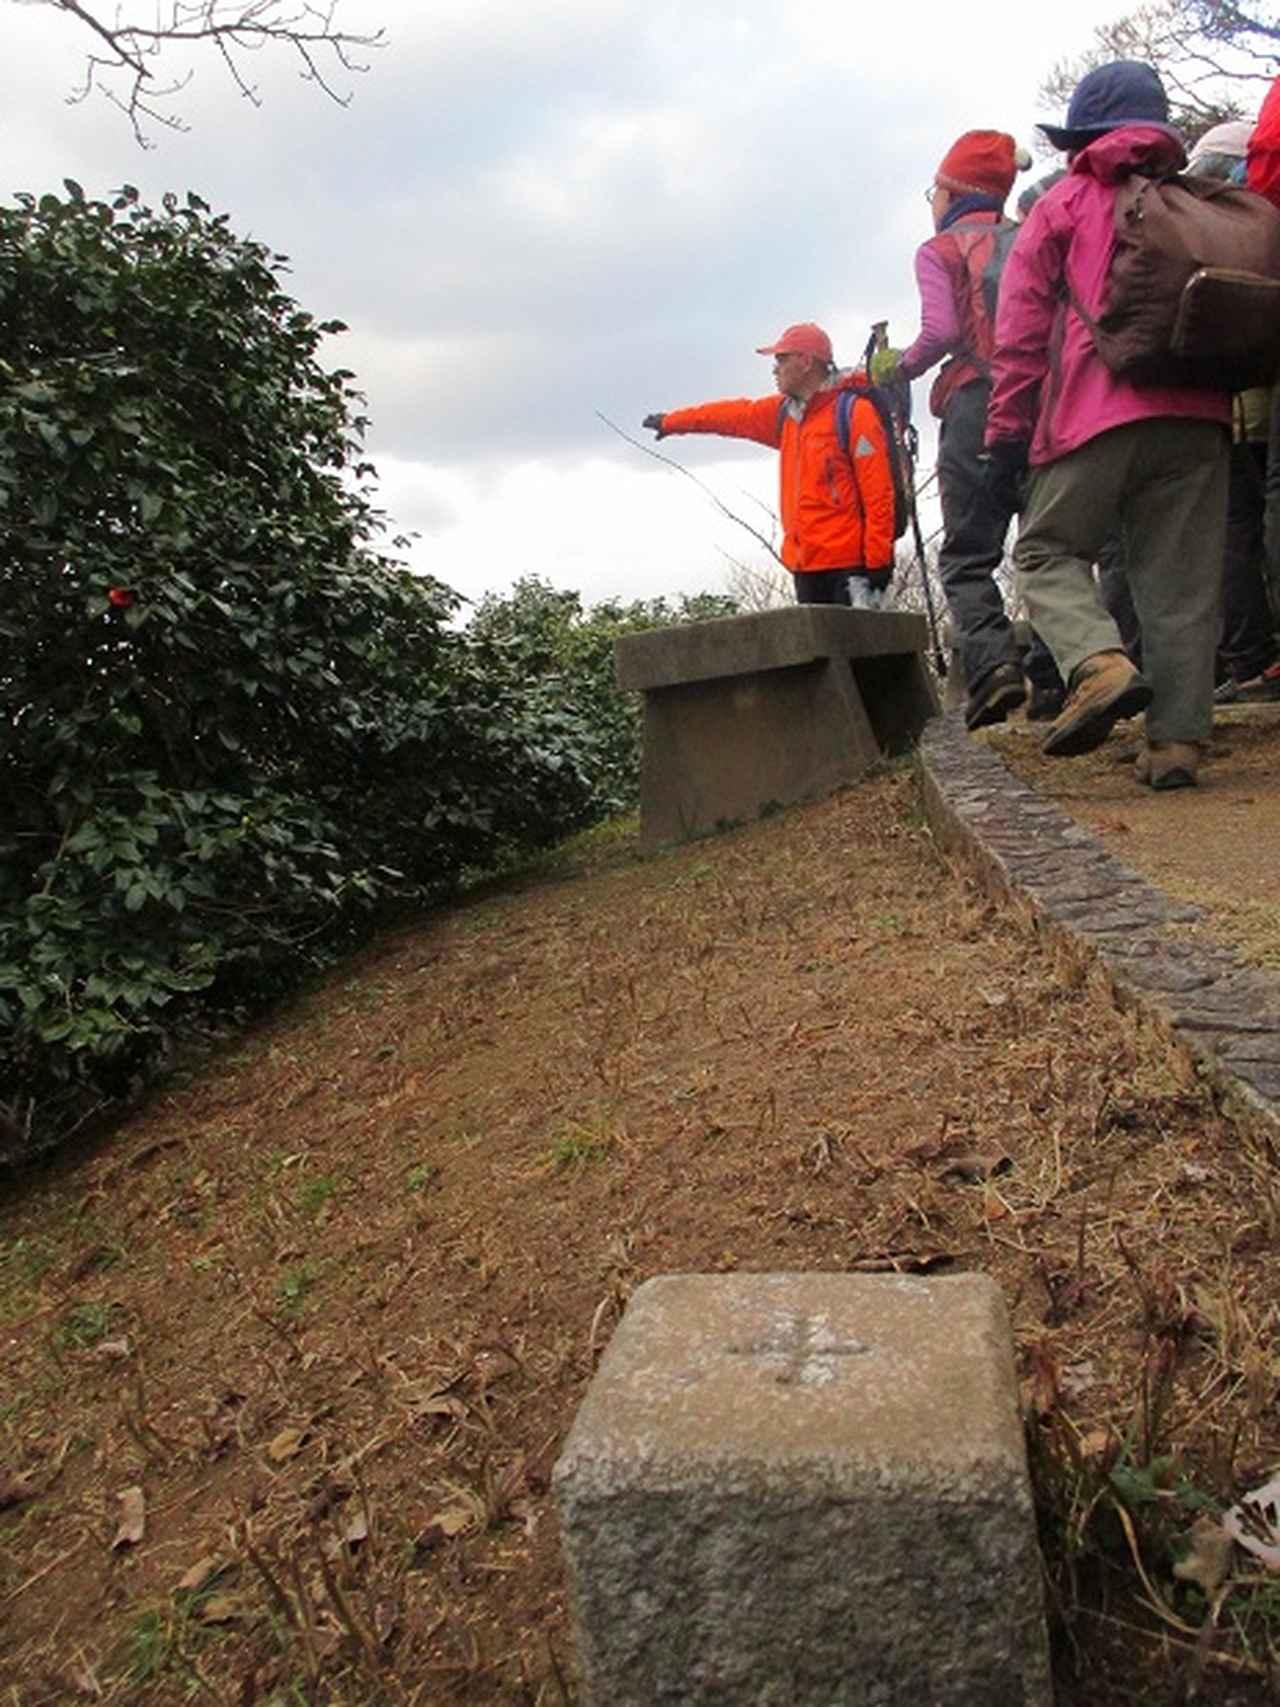 画像7: 【山旅会・登山ガイドこだわりツアー】添乗員からの便り・広島県と山口県のツアーにいってまいりました!(その3)